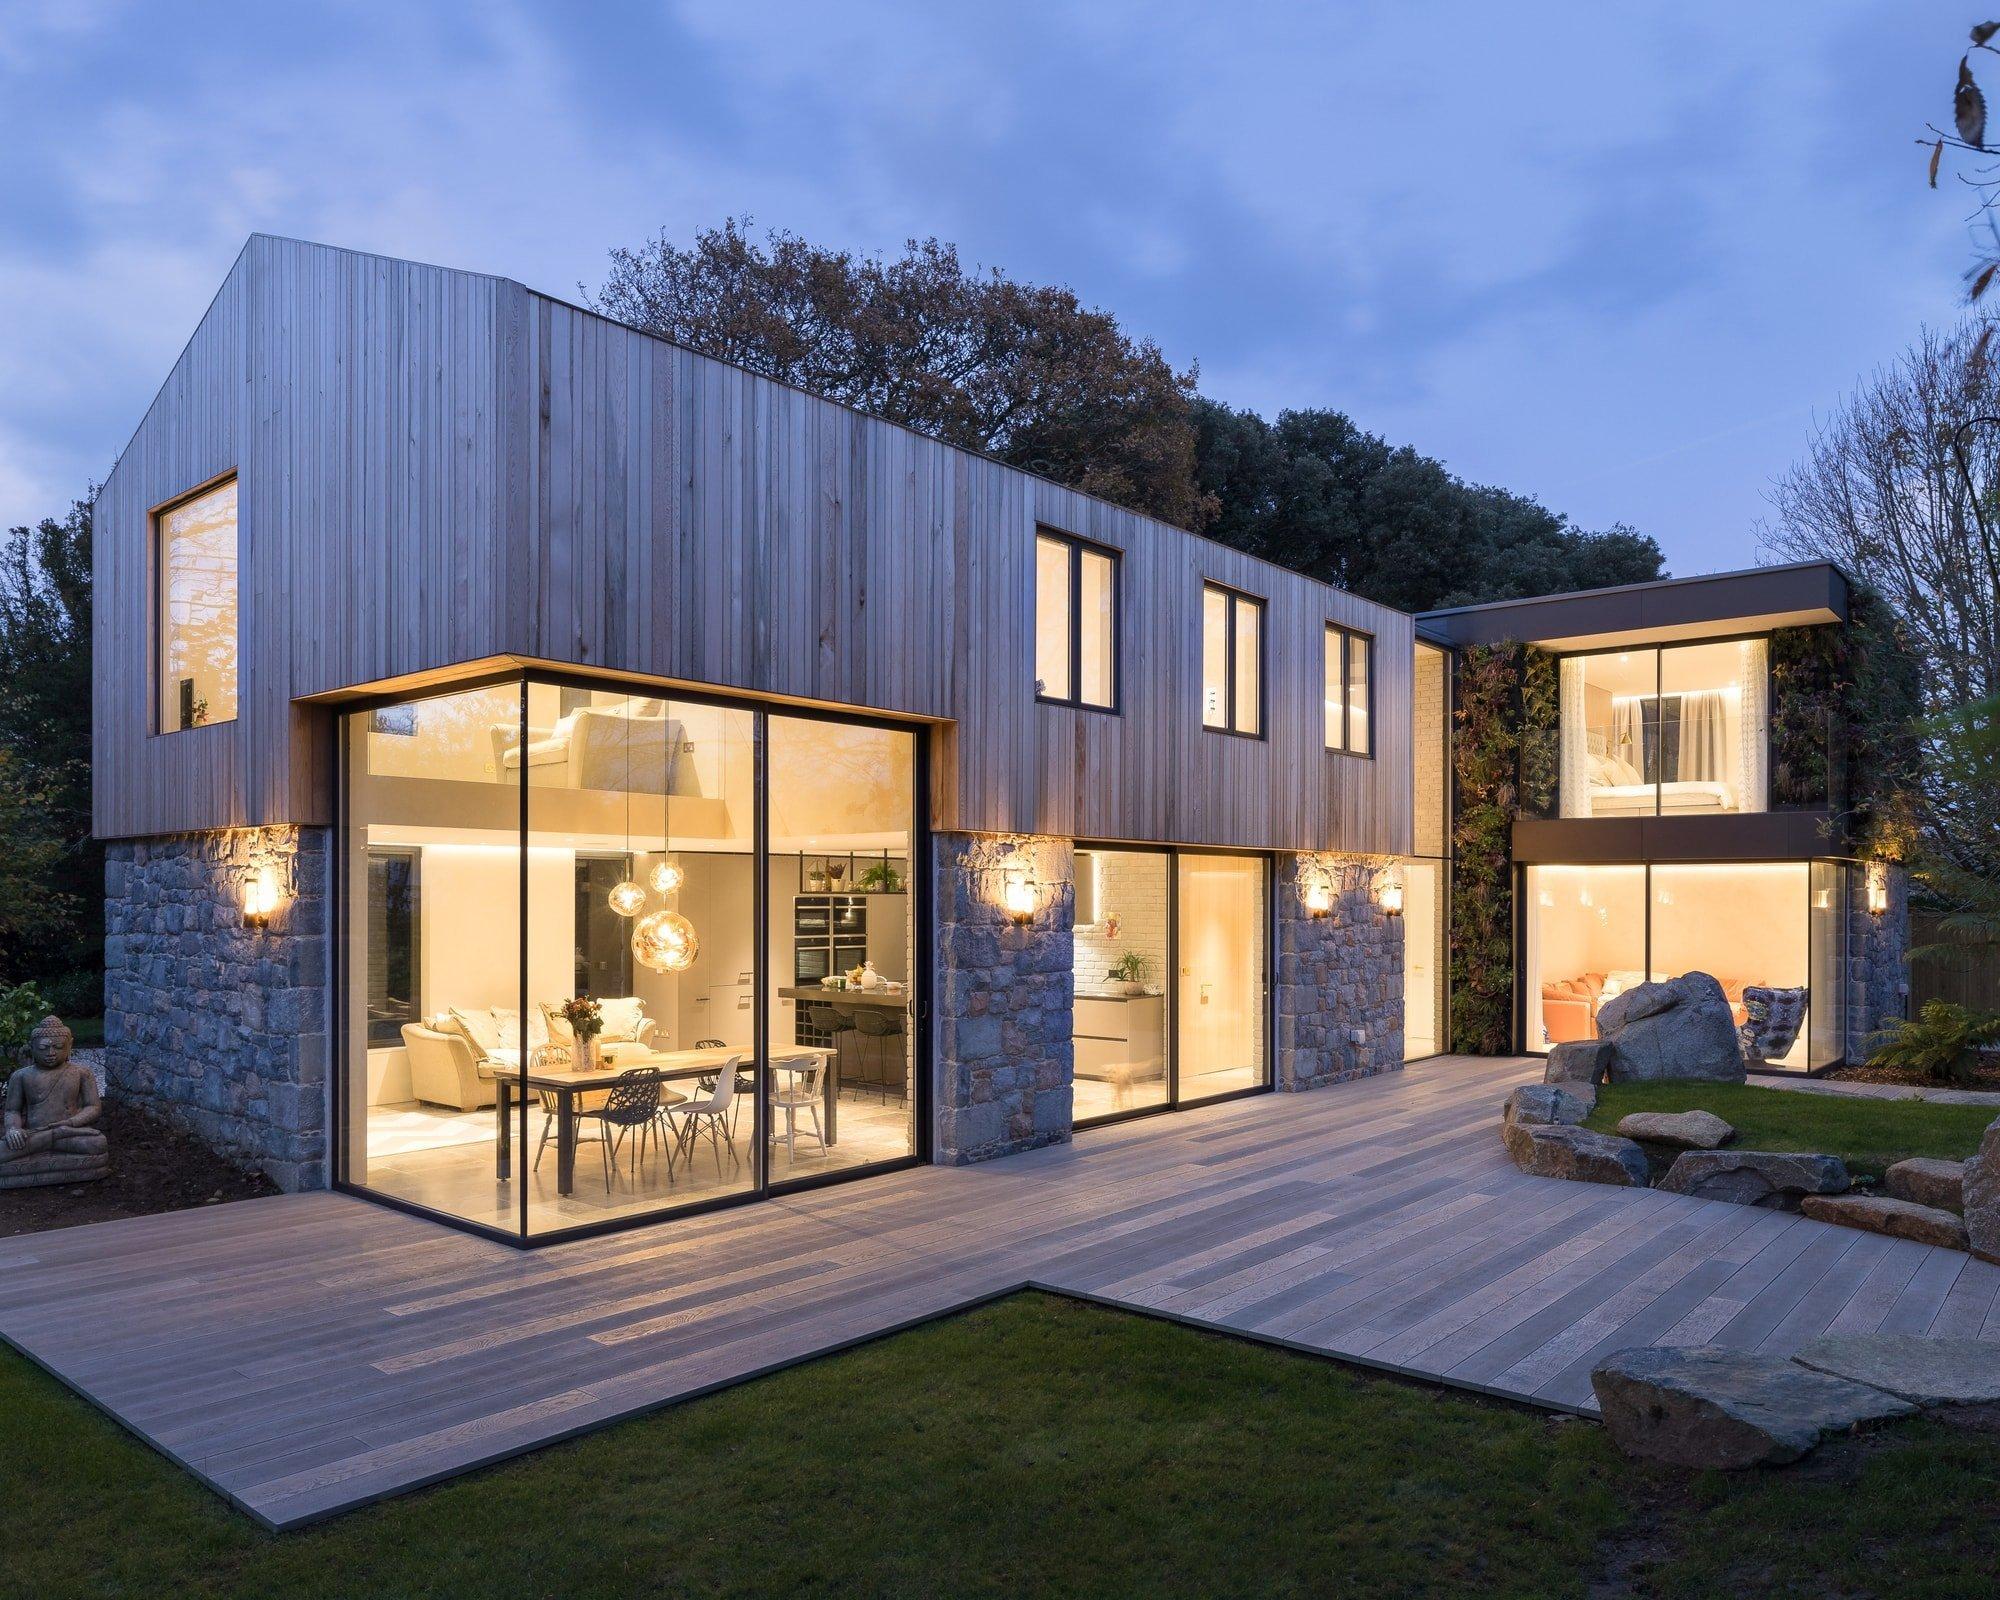 Energeticky úsporné bydlení, a navíc v souladu s přírodou! Dvě z několika hlavních kritérií při stavbě dnešních domů, kdy si každý z nás přeje to nejlepší a nejpříjemnější bydlení pro svůj život. Stejných parametrů se měli držet i architekti ze studia DLM Architects, kteří na ploše 300 metrů čtverečních vykouzlili bydlení snů. A jak se od nich můžeme inspirovat i my?